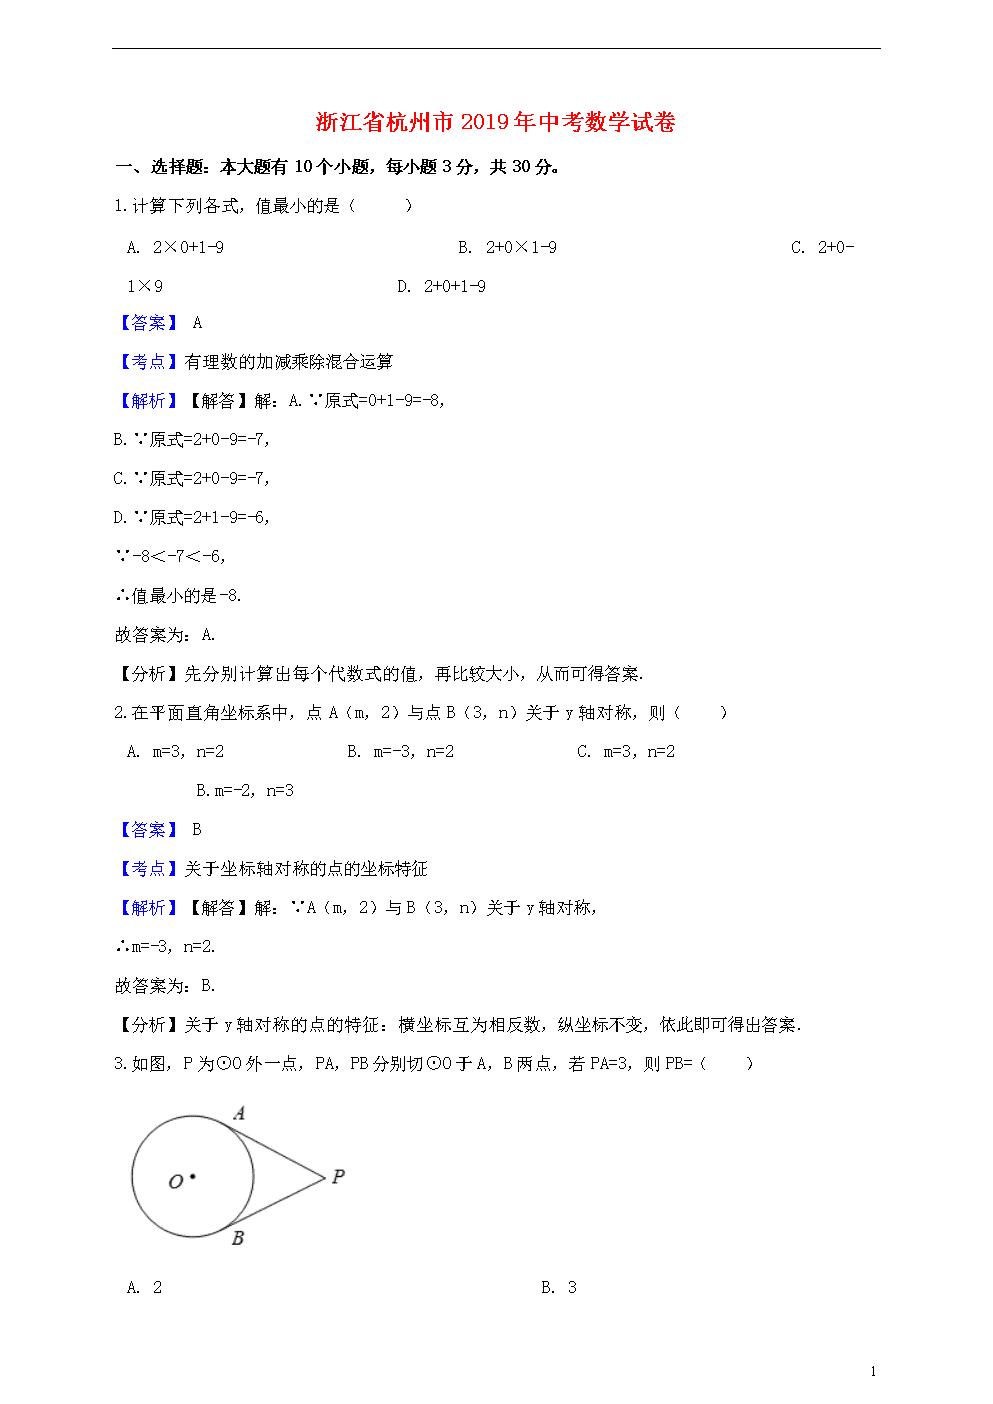 浙江省杭州市2019年中考数学真题试题(含解析).doc